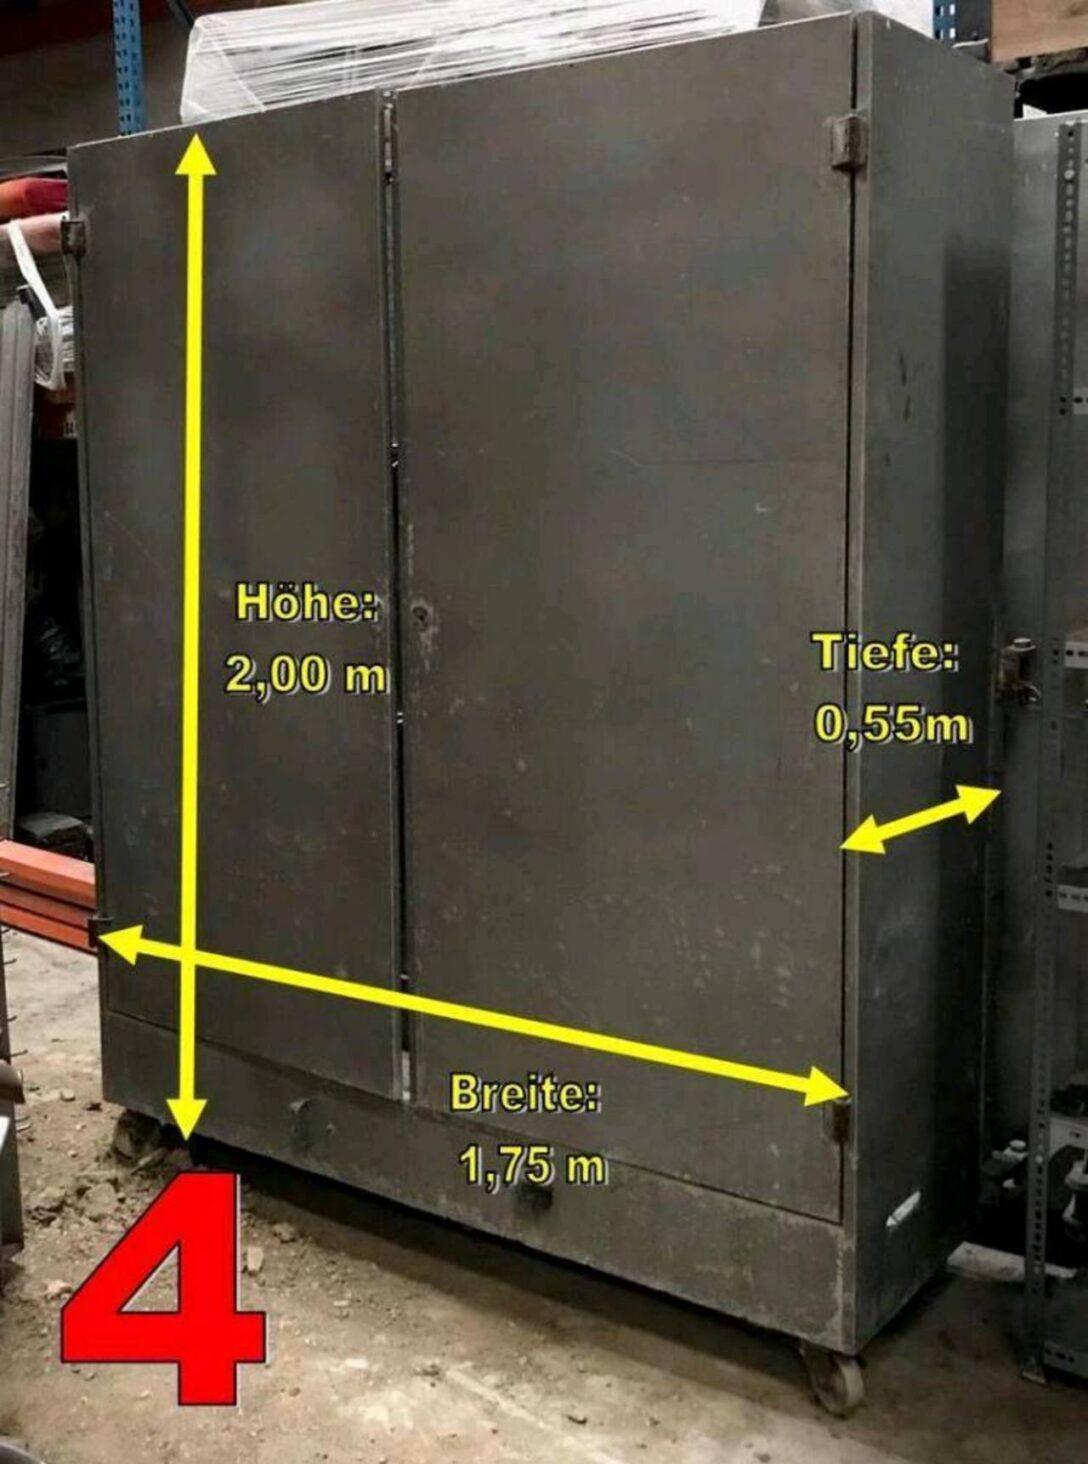 Full Size of Holzregal Obi Werkstatt Regale Gebraucht Regal Selber Bauen Anleitung Kaufen Küche Nobilia Einbauküche Badezimmer Fenster Immobilien Bad Homburg Wohnzimmer Holzregal Obi